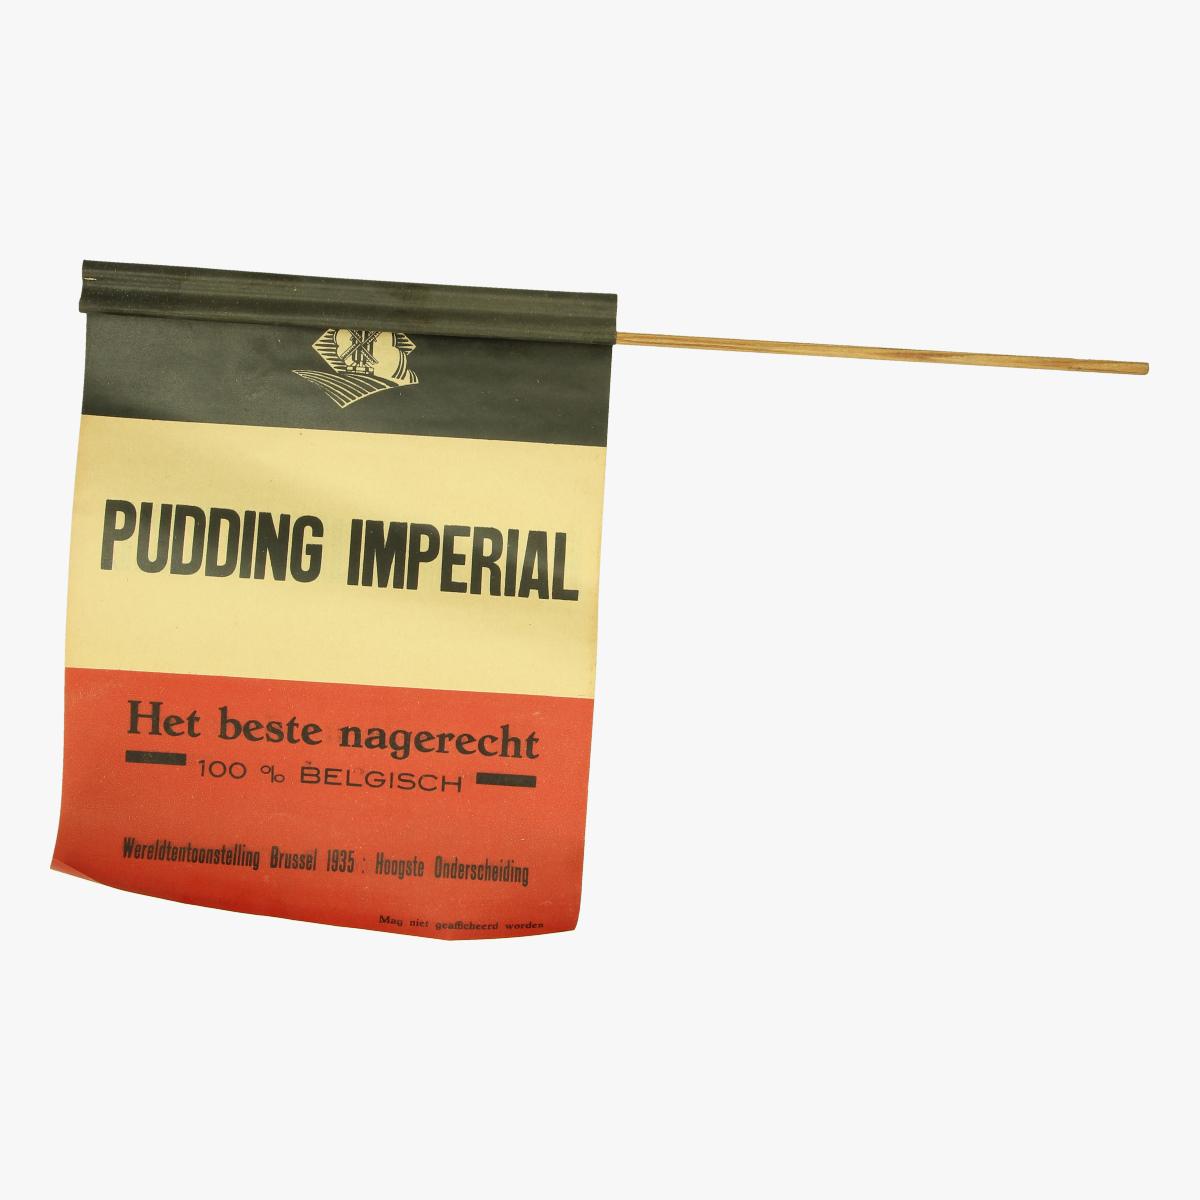 Afbeeldingen van wereldtetoonstelling 1935 bxl vlag pudding imperial